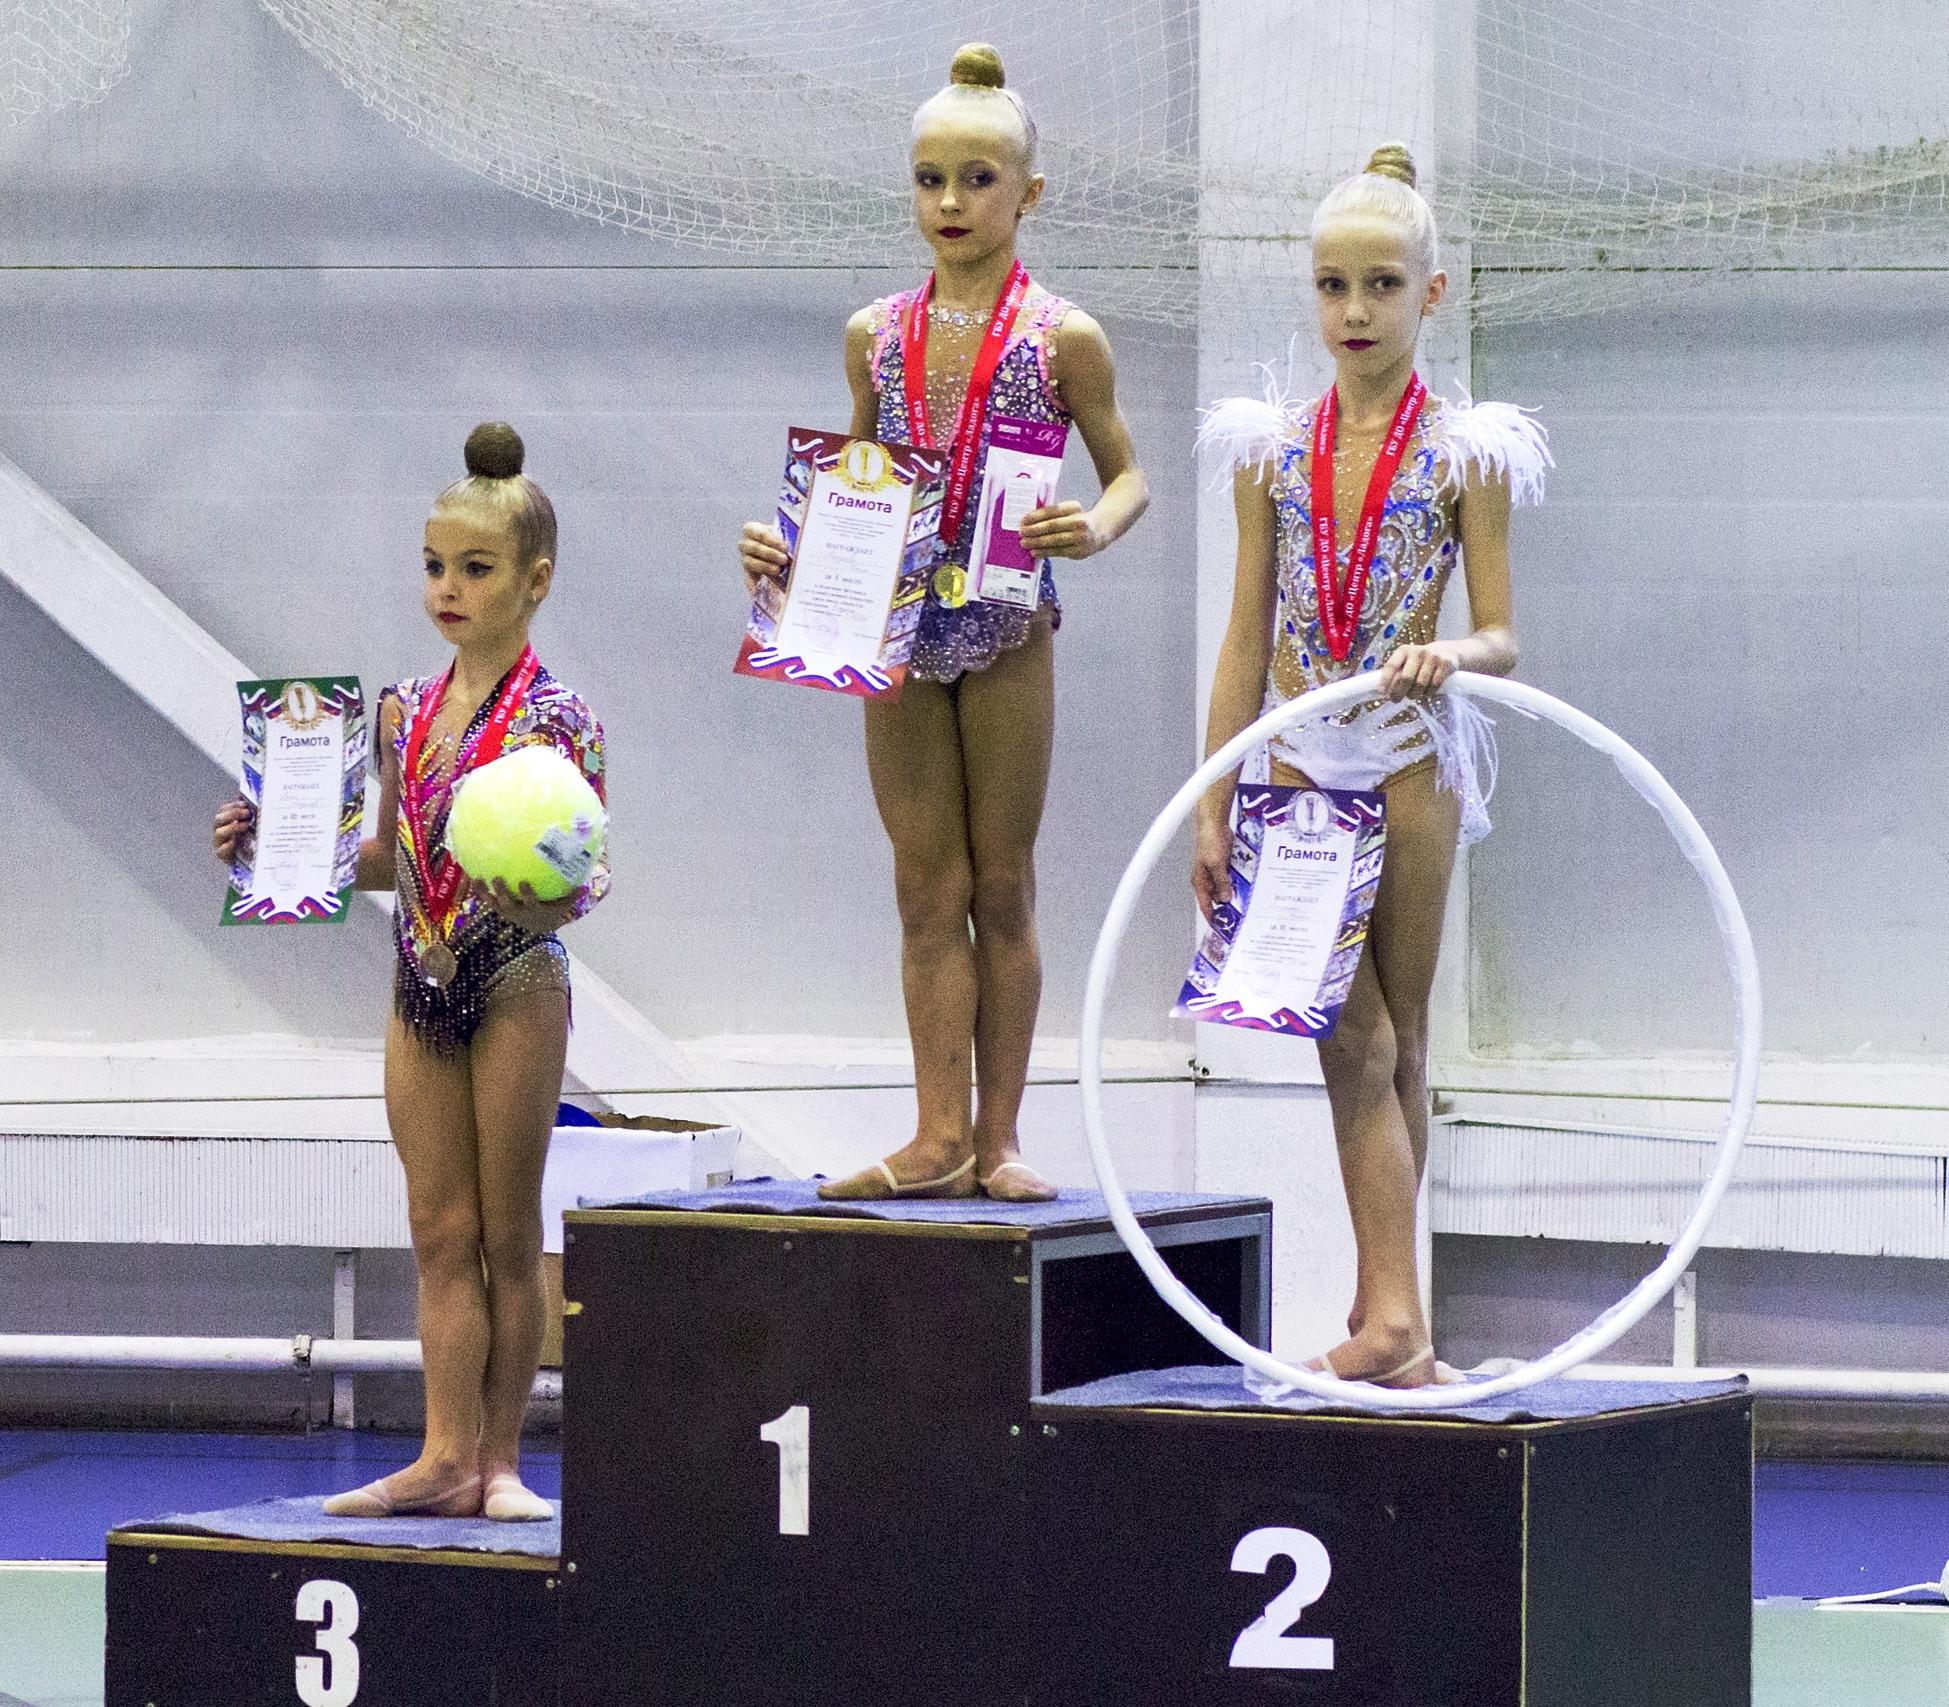 Областной фестиваль по художественной гимнастике  среди юных гимнасток